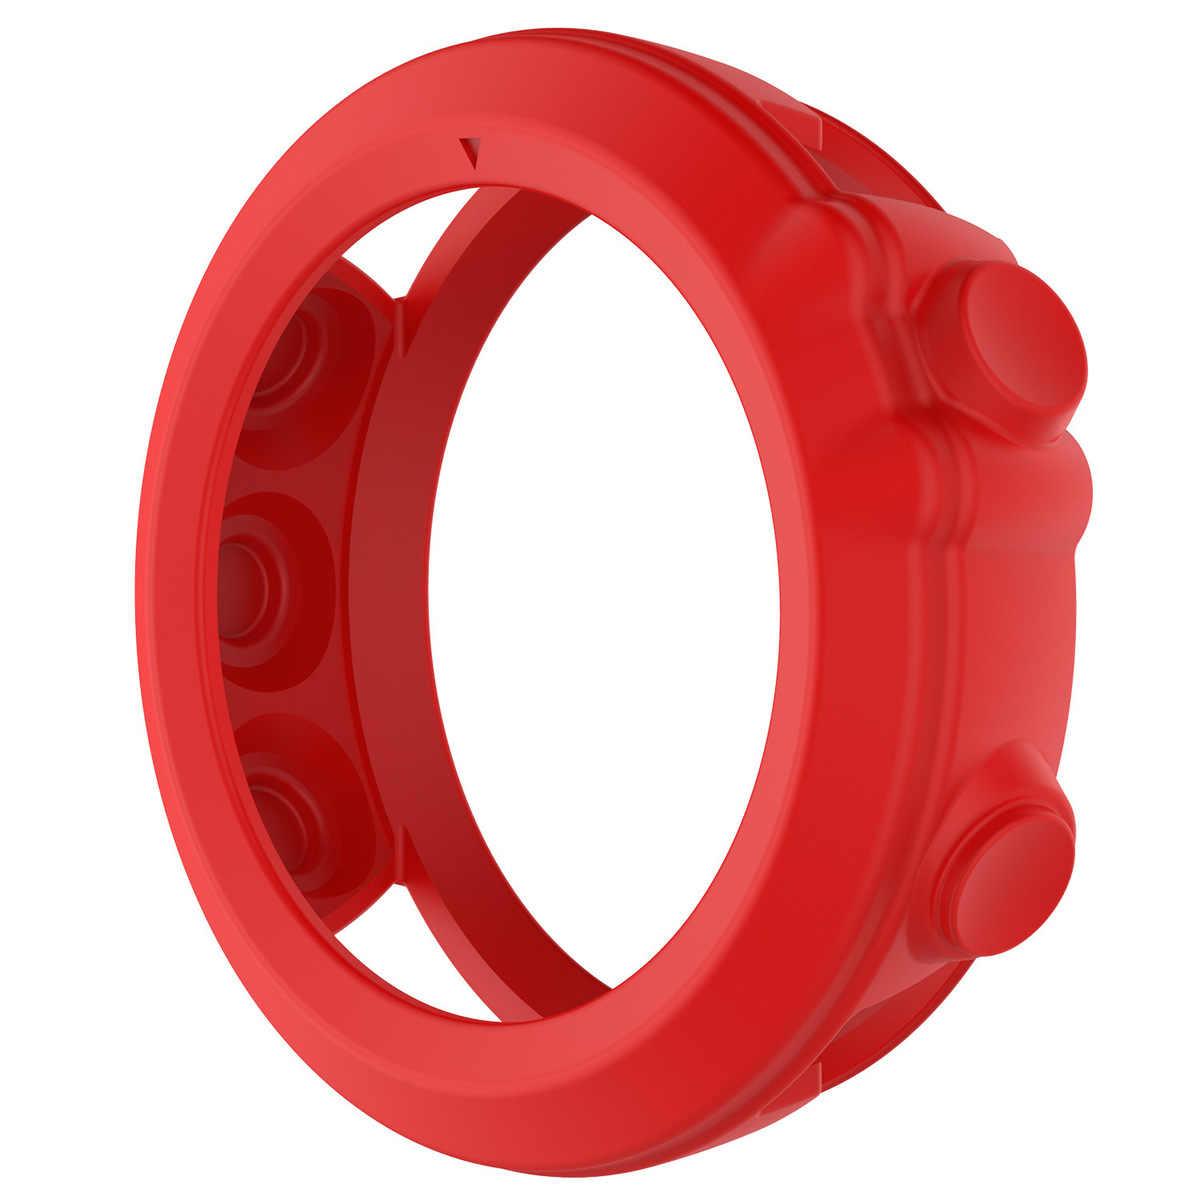 Мягкий силиконовый защитный чехол для Garmin Fenix 3 HR/Fenix 3/Fenix 3 Sapphire/Quatix 3/Tactix Bravo чехол для браслета